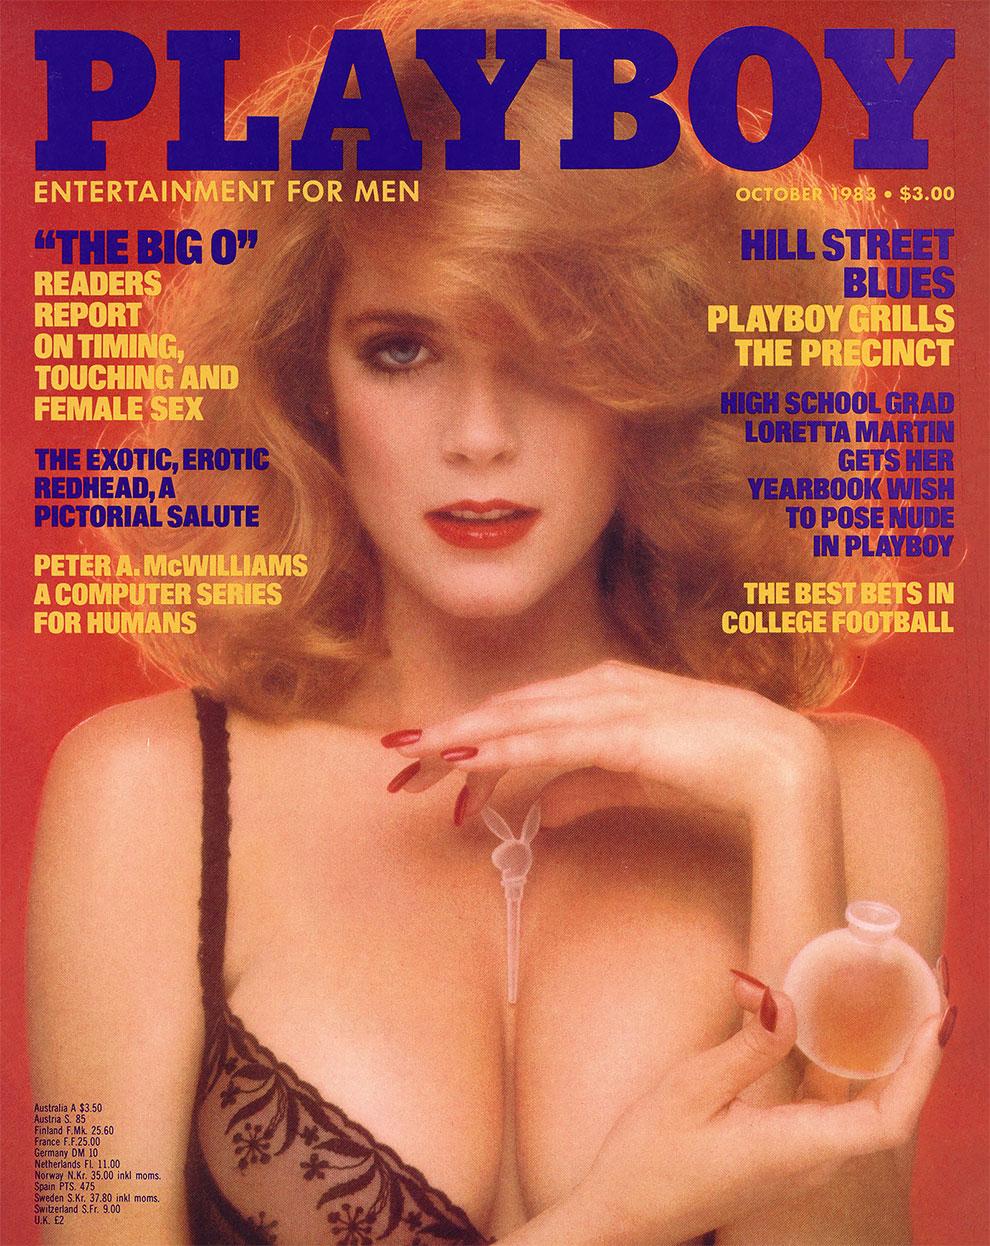 30 лет спустя: журнал Playboy воссоздал свои культовые обложки с теми же моделями 5